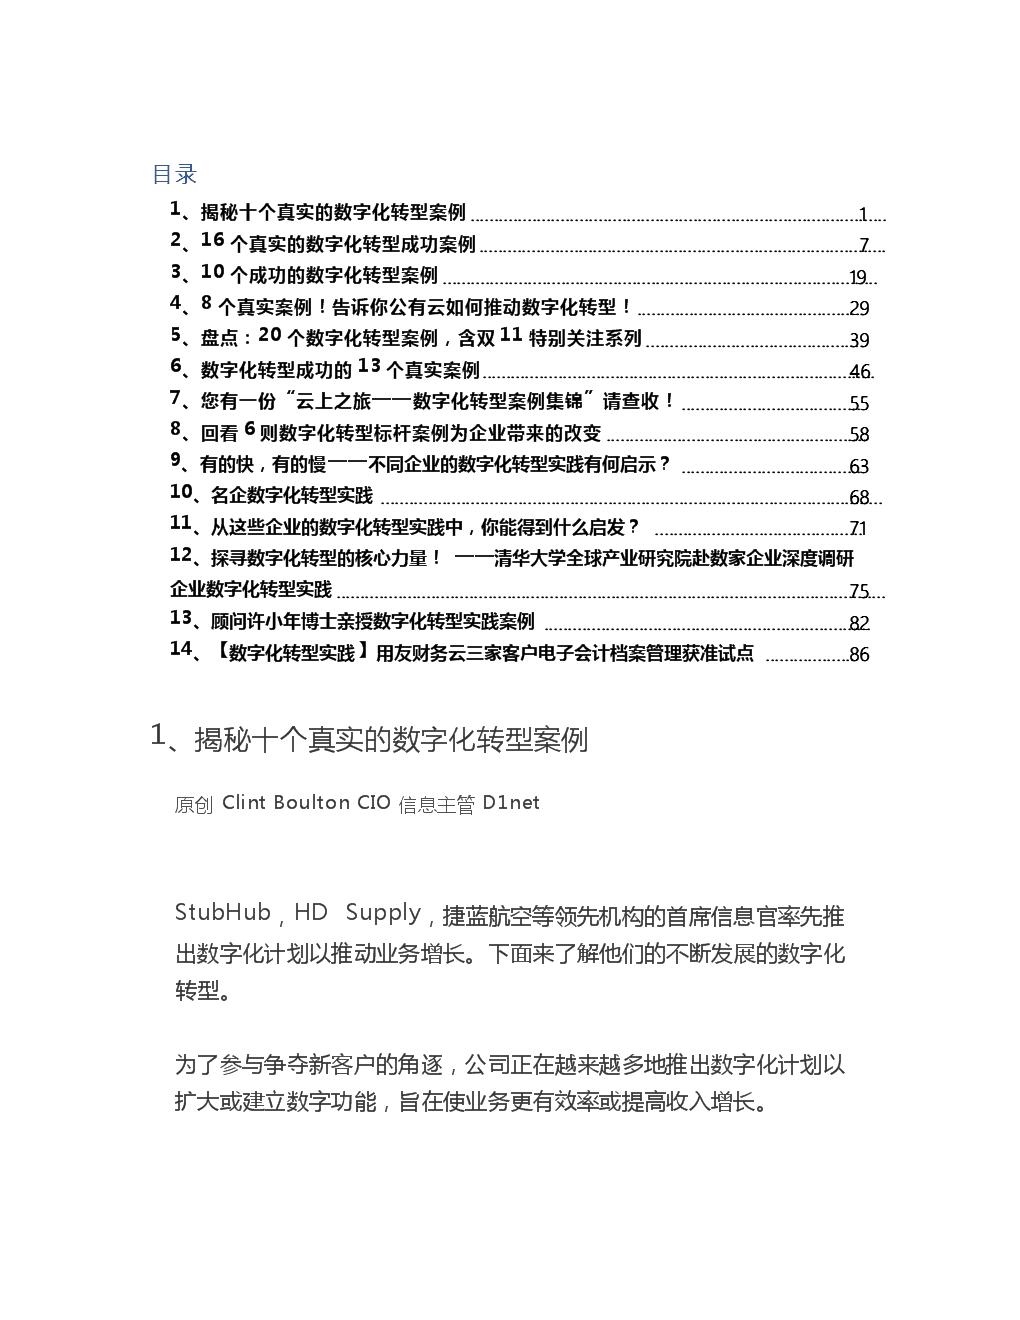 多个行业集锦数字化转型案例.doc